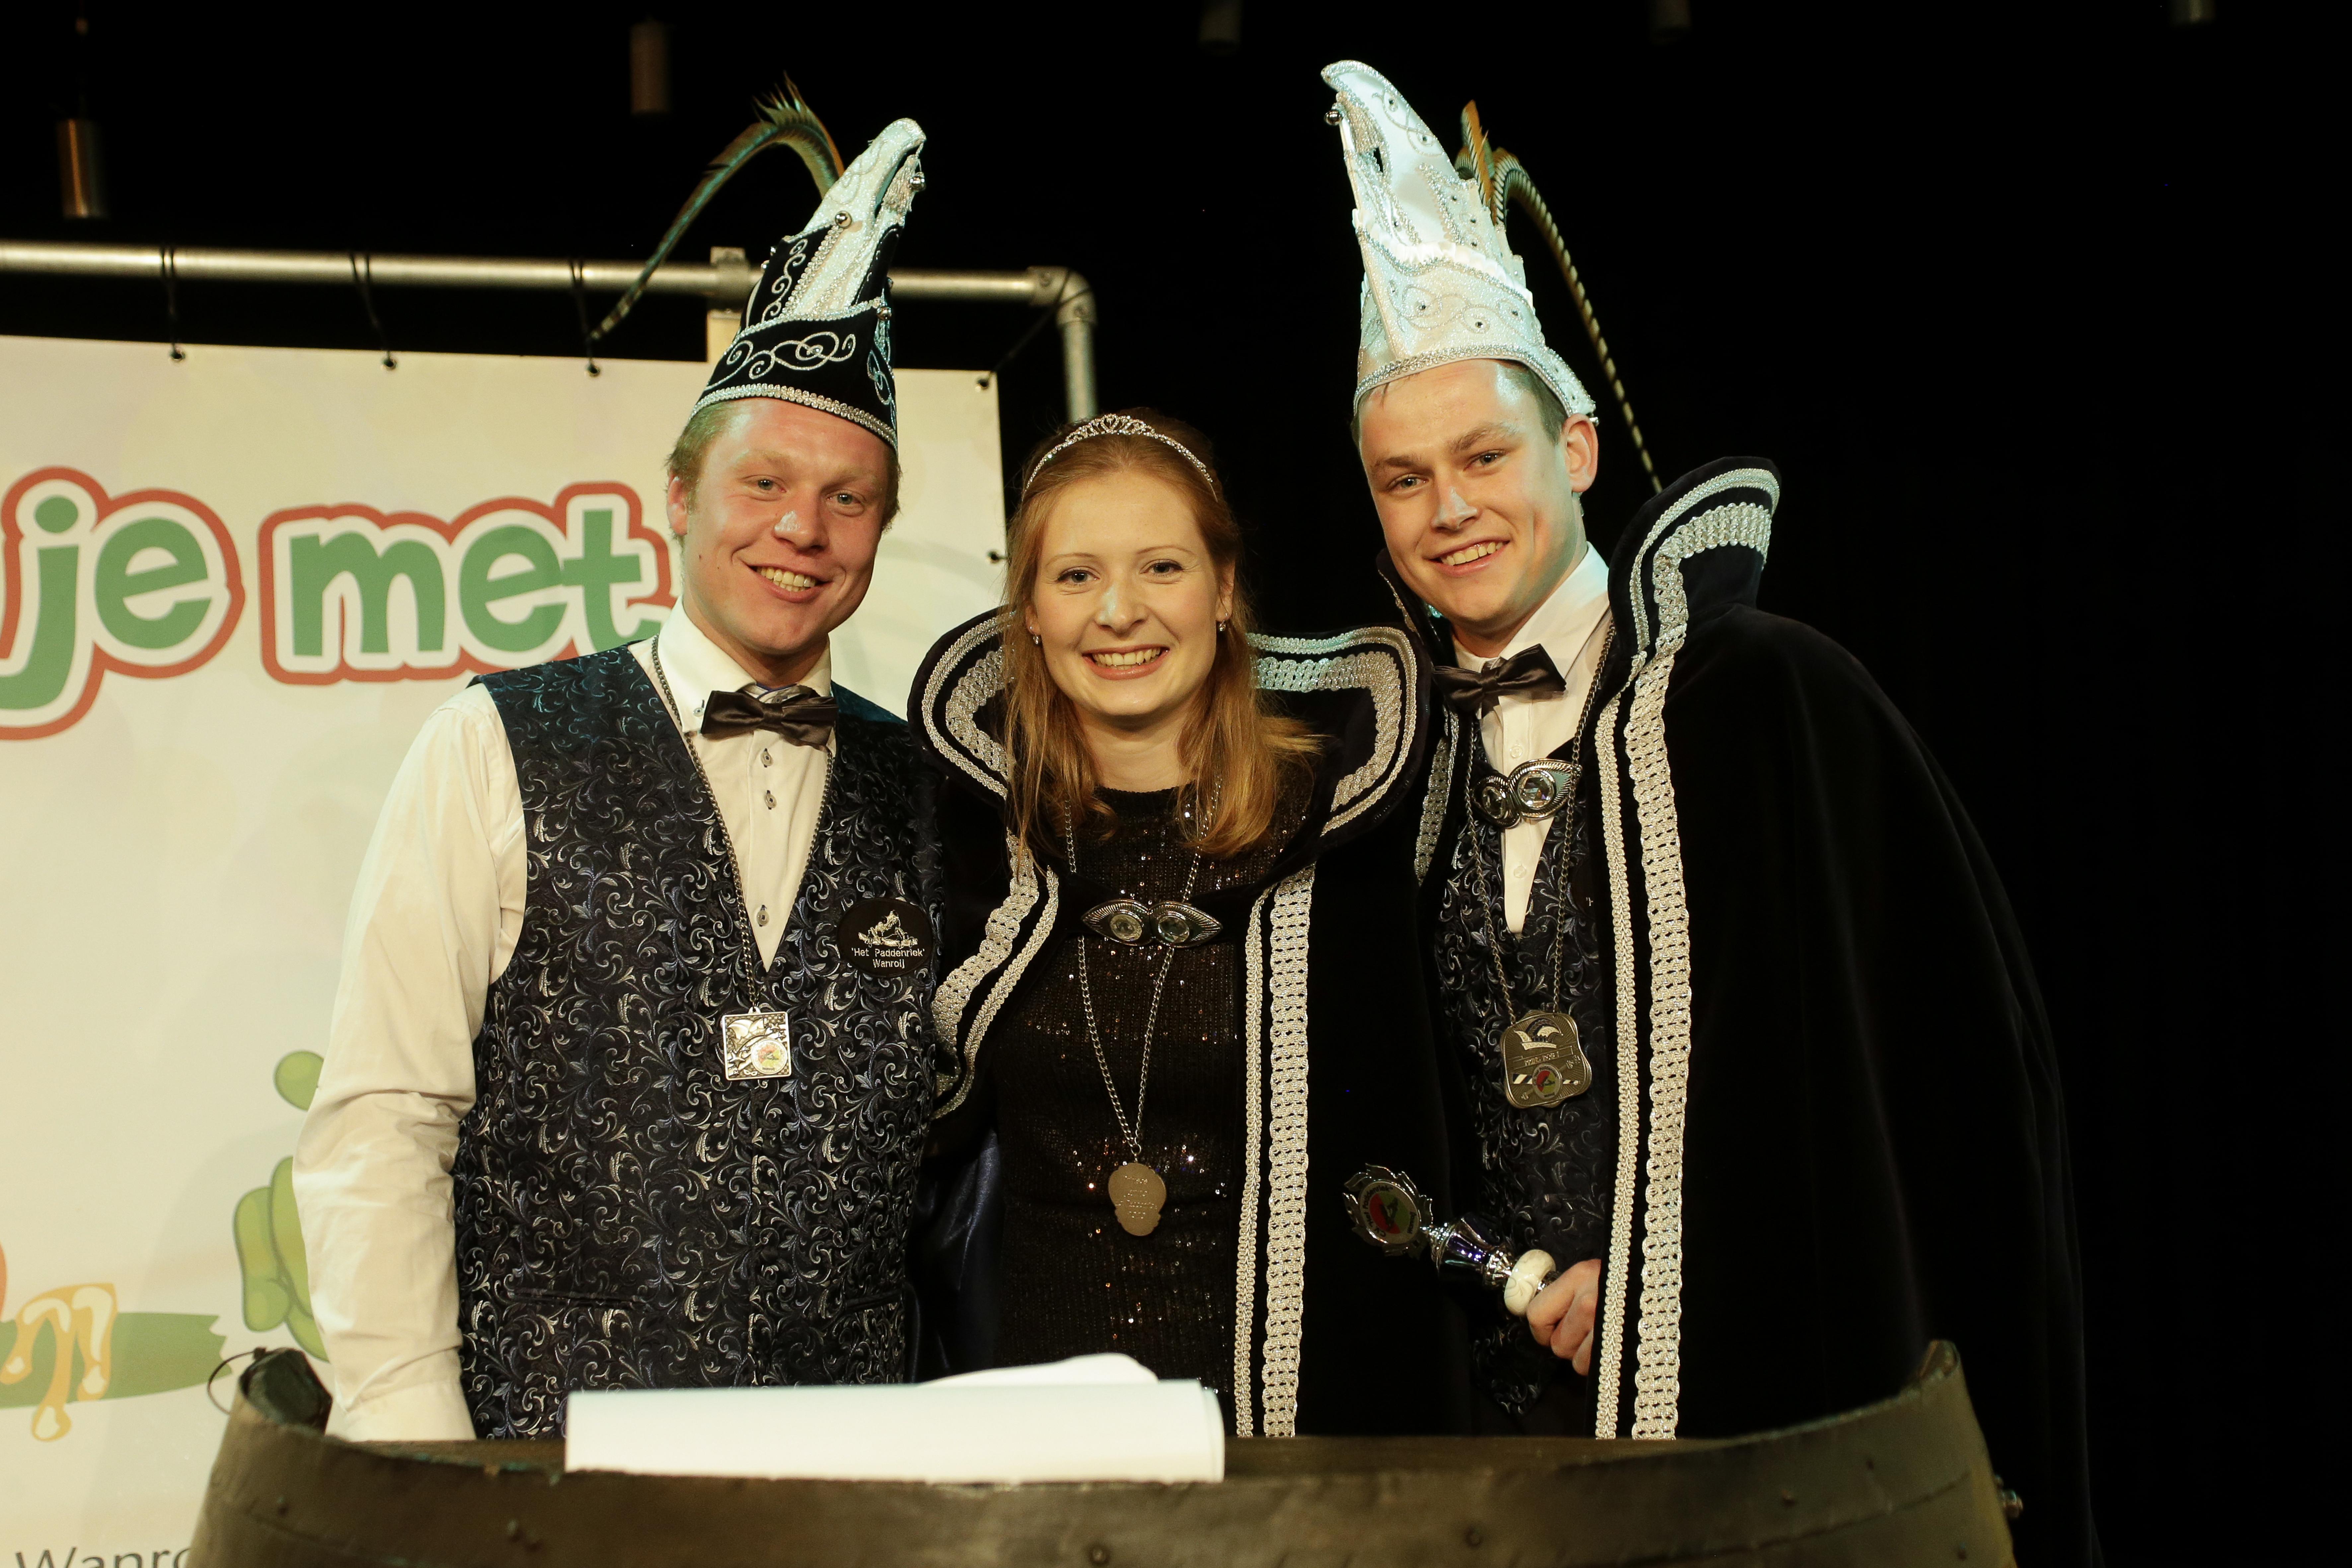 Prins Rob & Prinses Janne met Adjudant Jesse!